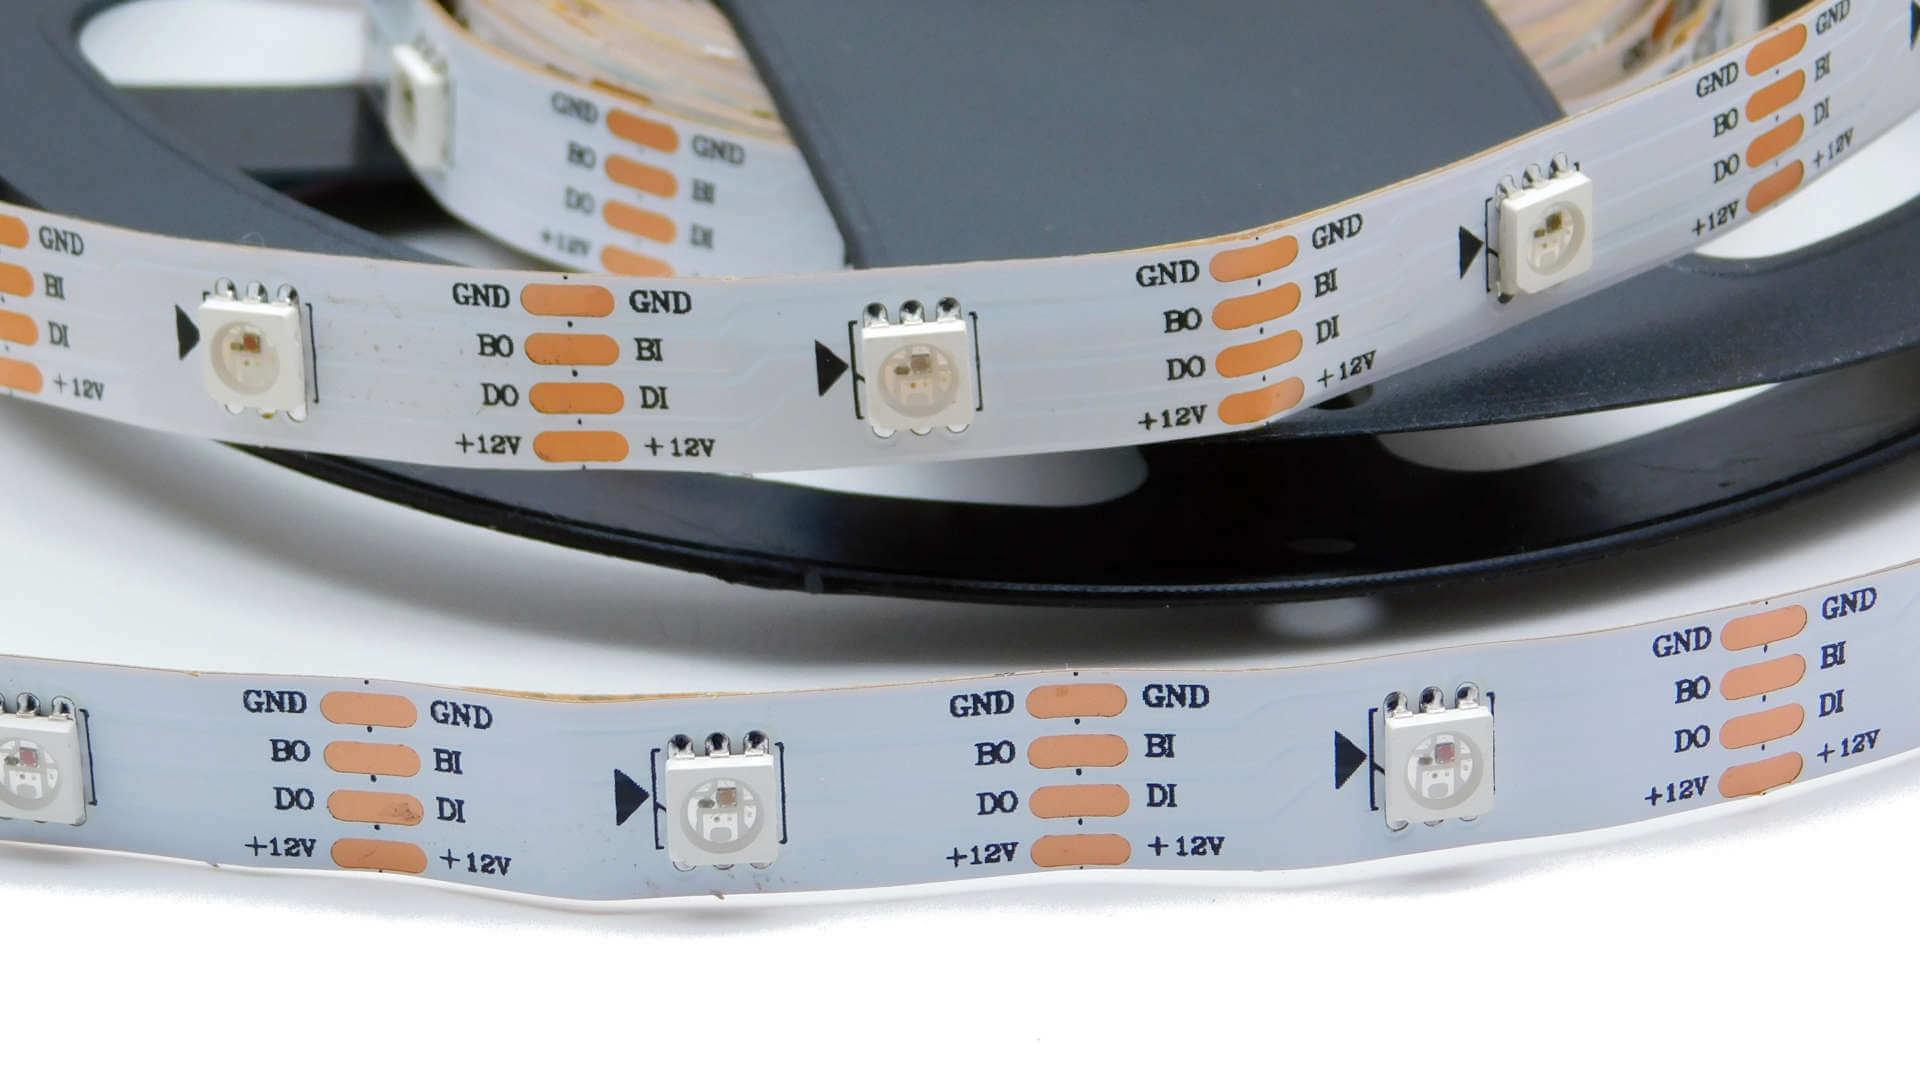 WS2815 LED strip